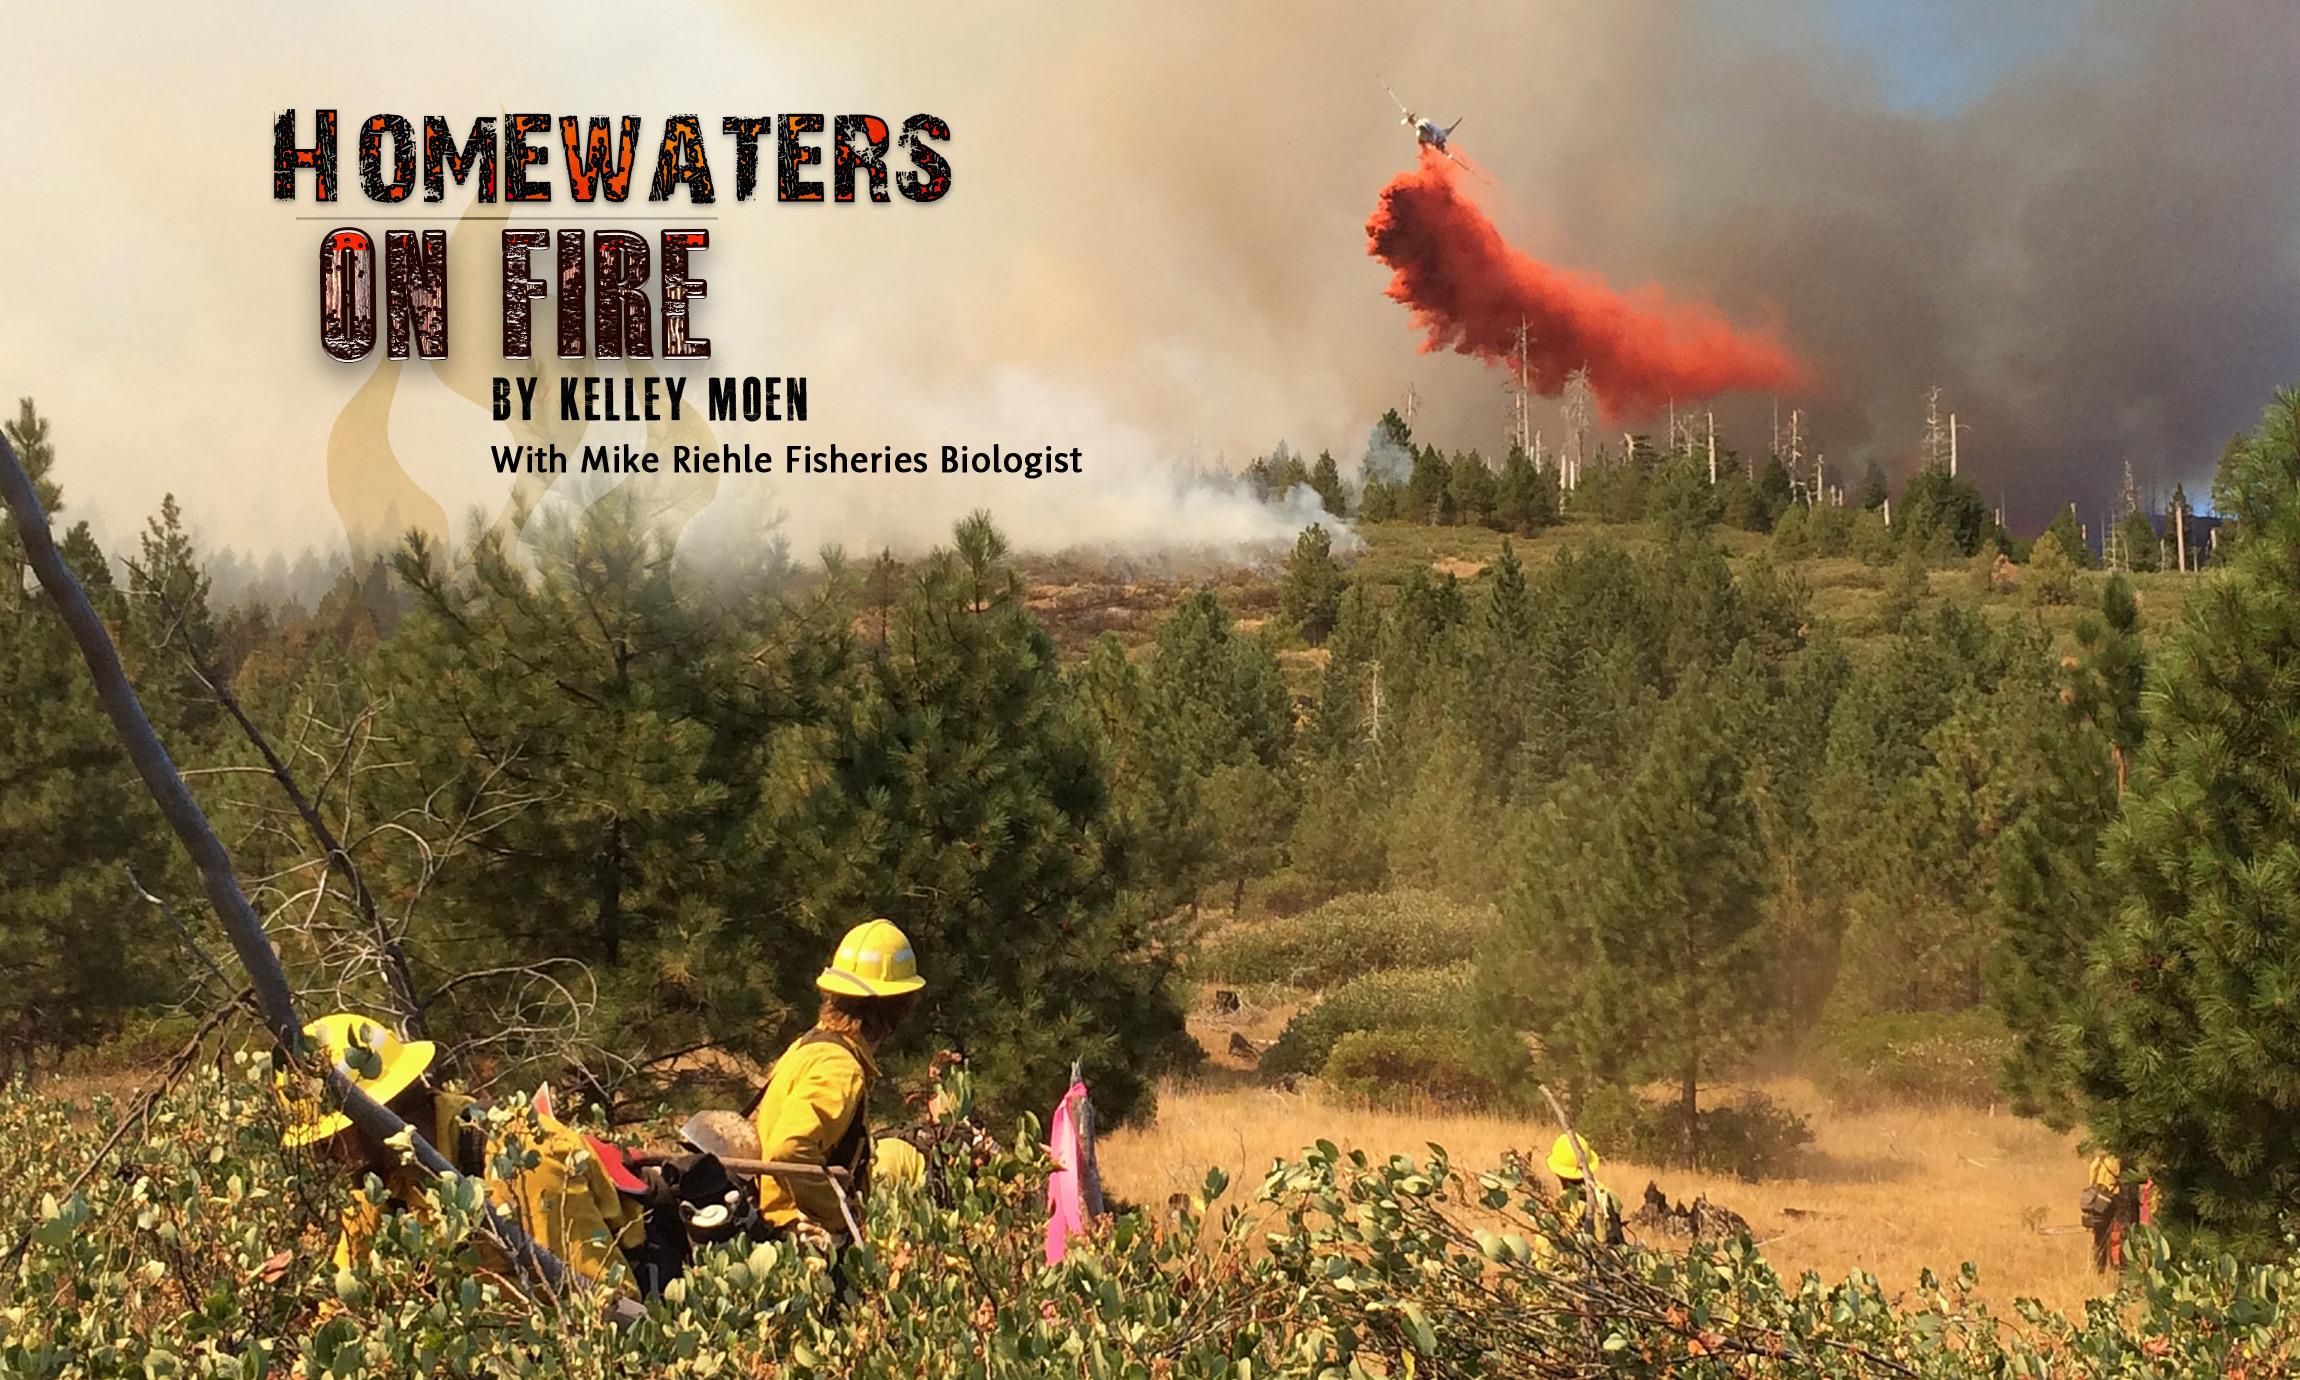 Homewaters-On-Fire-by-Kelley-Moen-Oregon-Fires